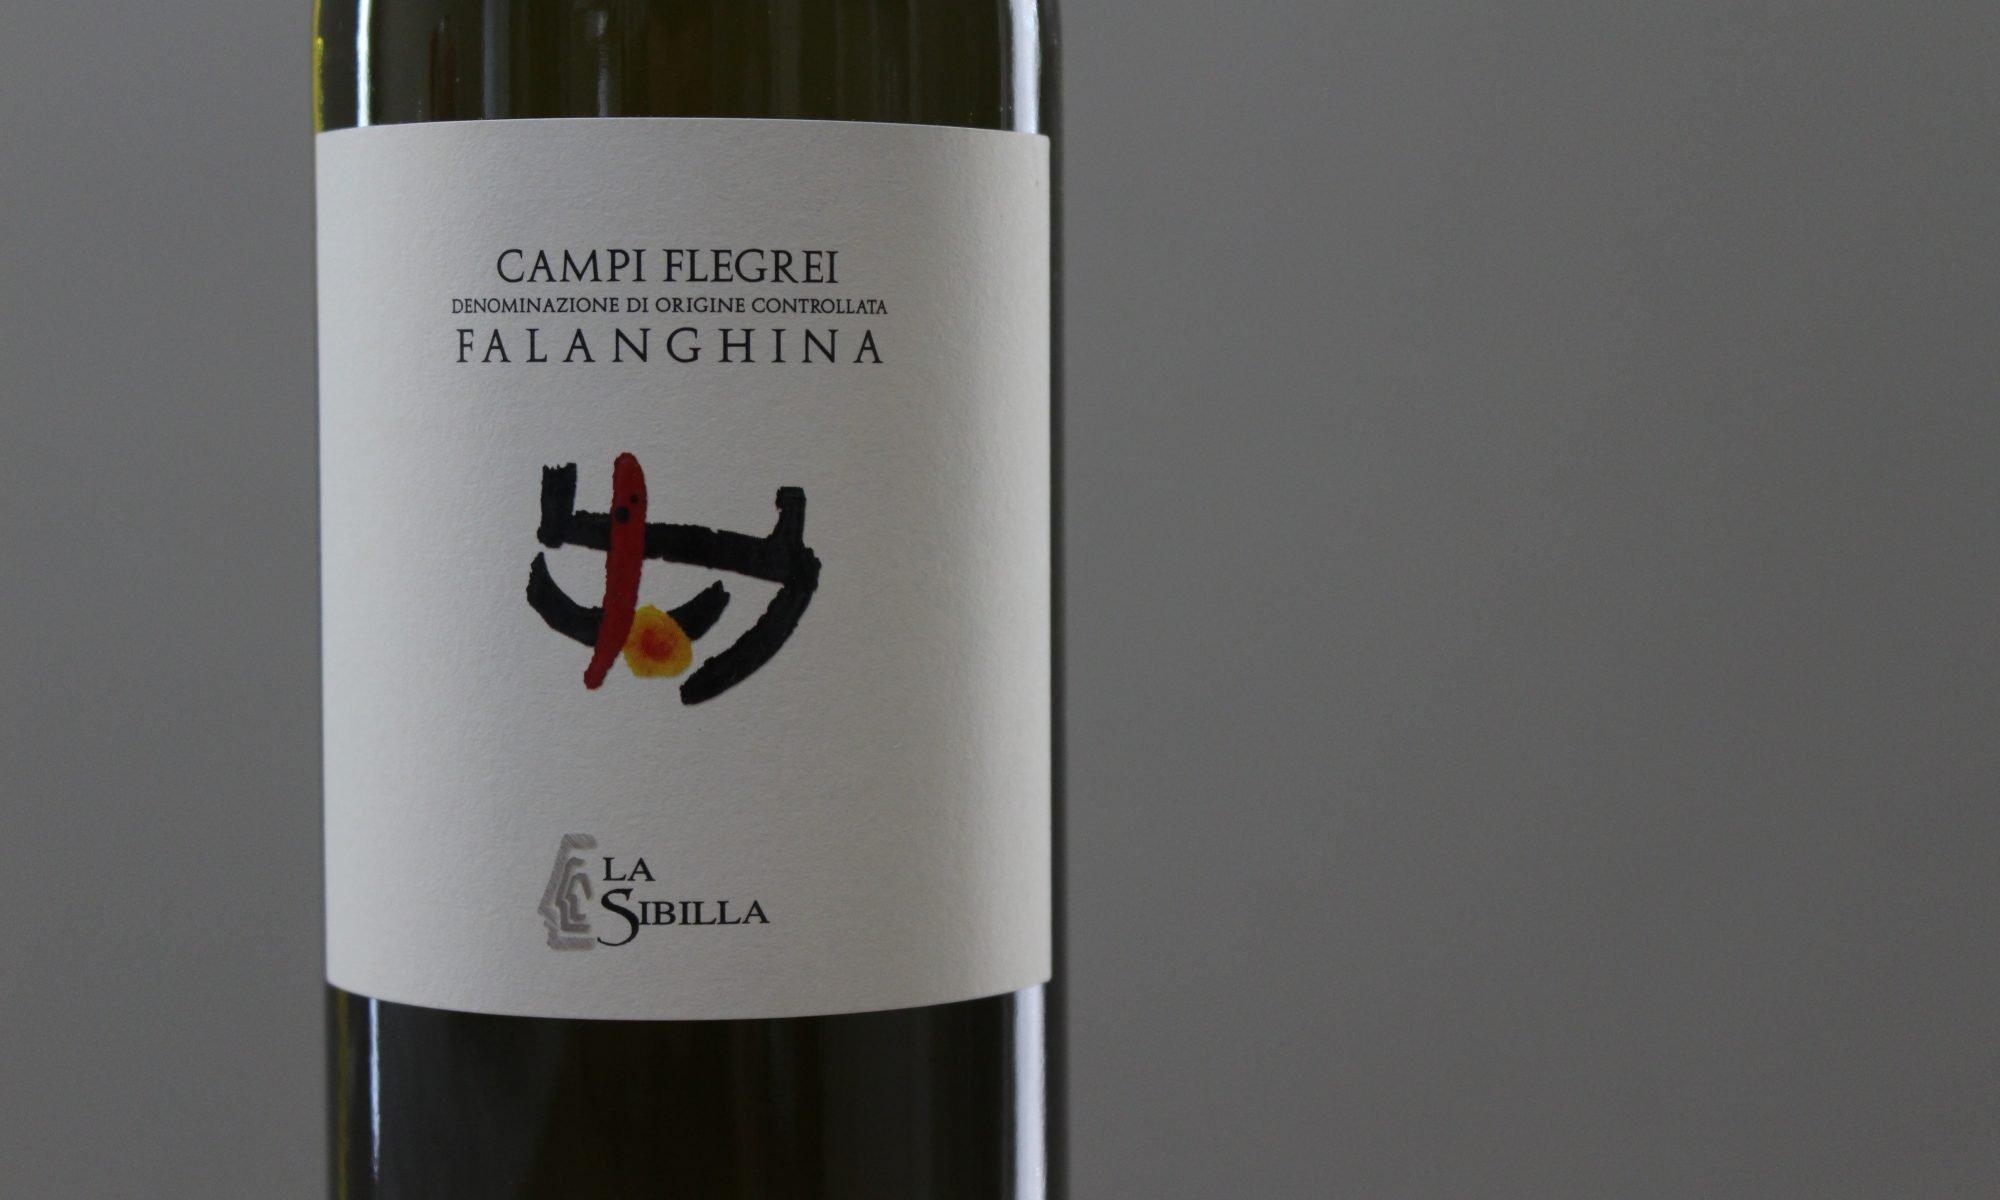 Falanghina Campi Flegrei, La Sibilla